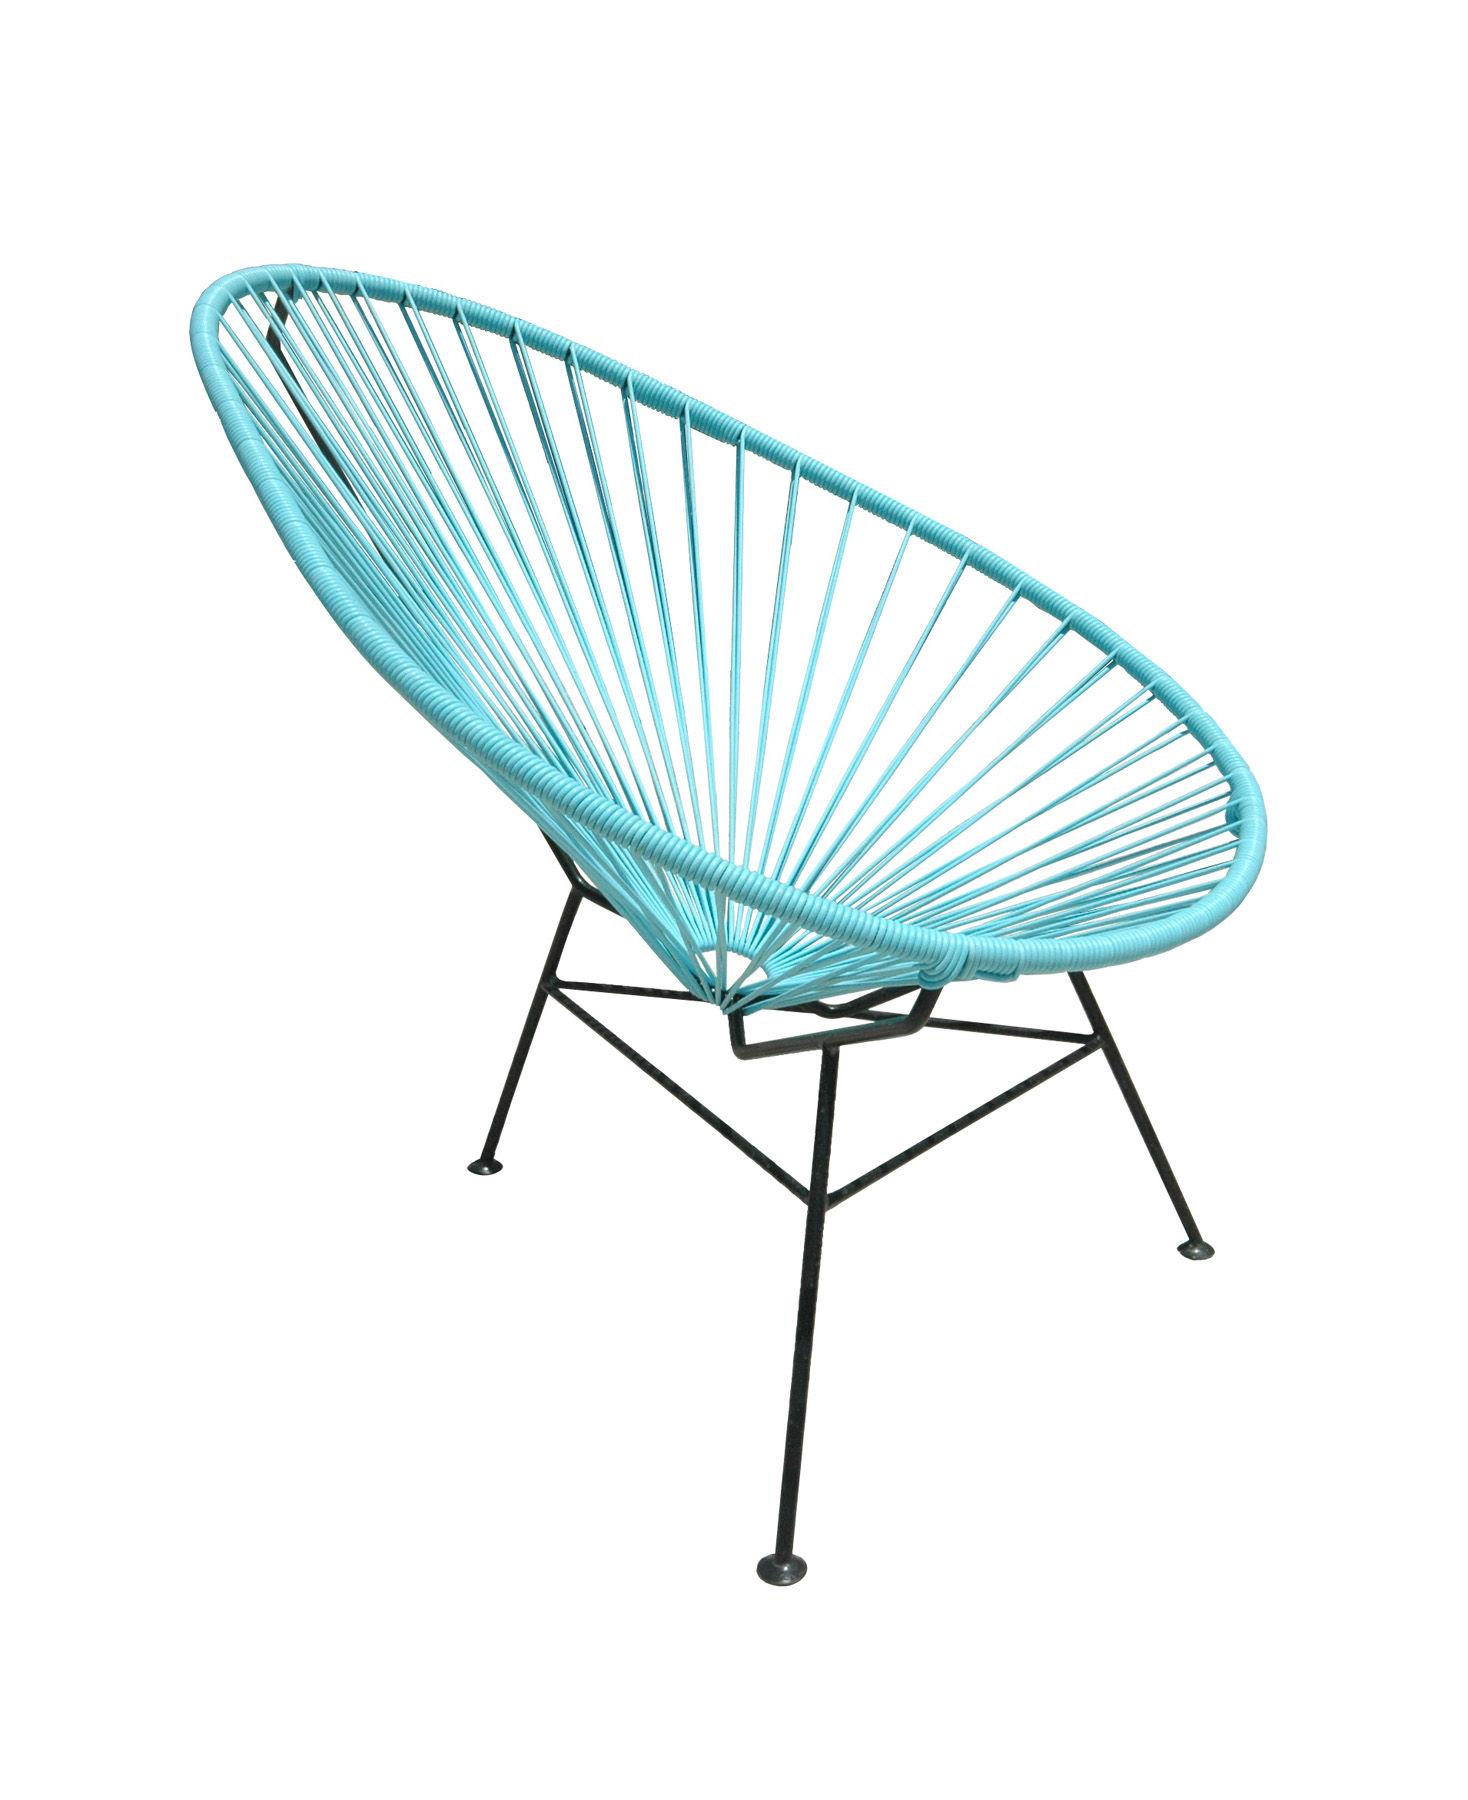 Fauteuil enfant mini acapulco turquoise ok design pour sentou edition - Fauteuil sentou ...